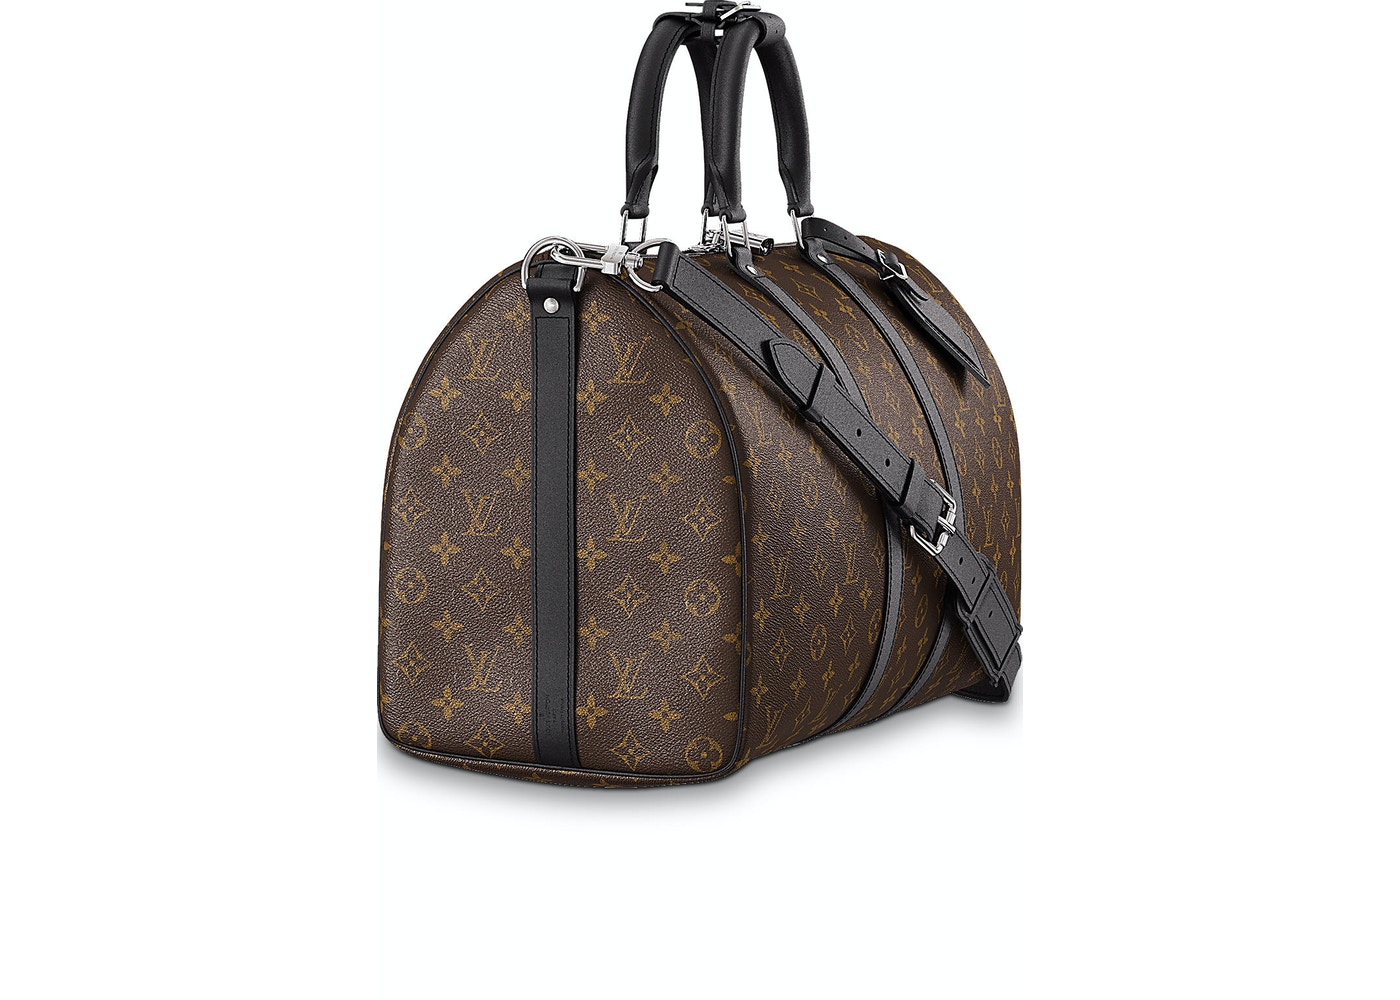 a924c0d70 Louis Vuitton Keepall Bandouliere Monogram Macassar 45 Brown/Black